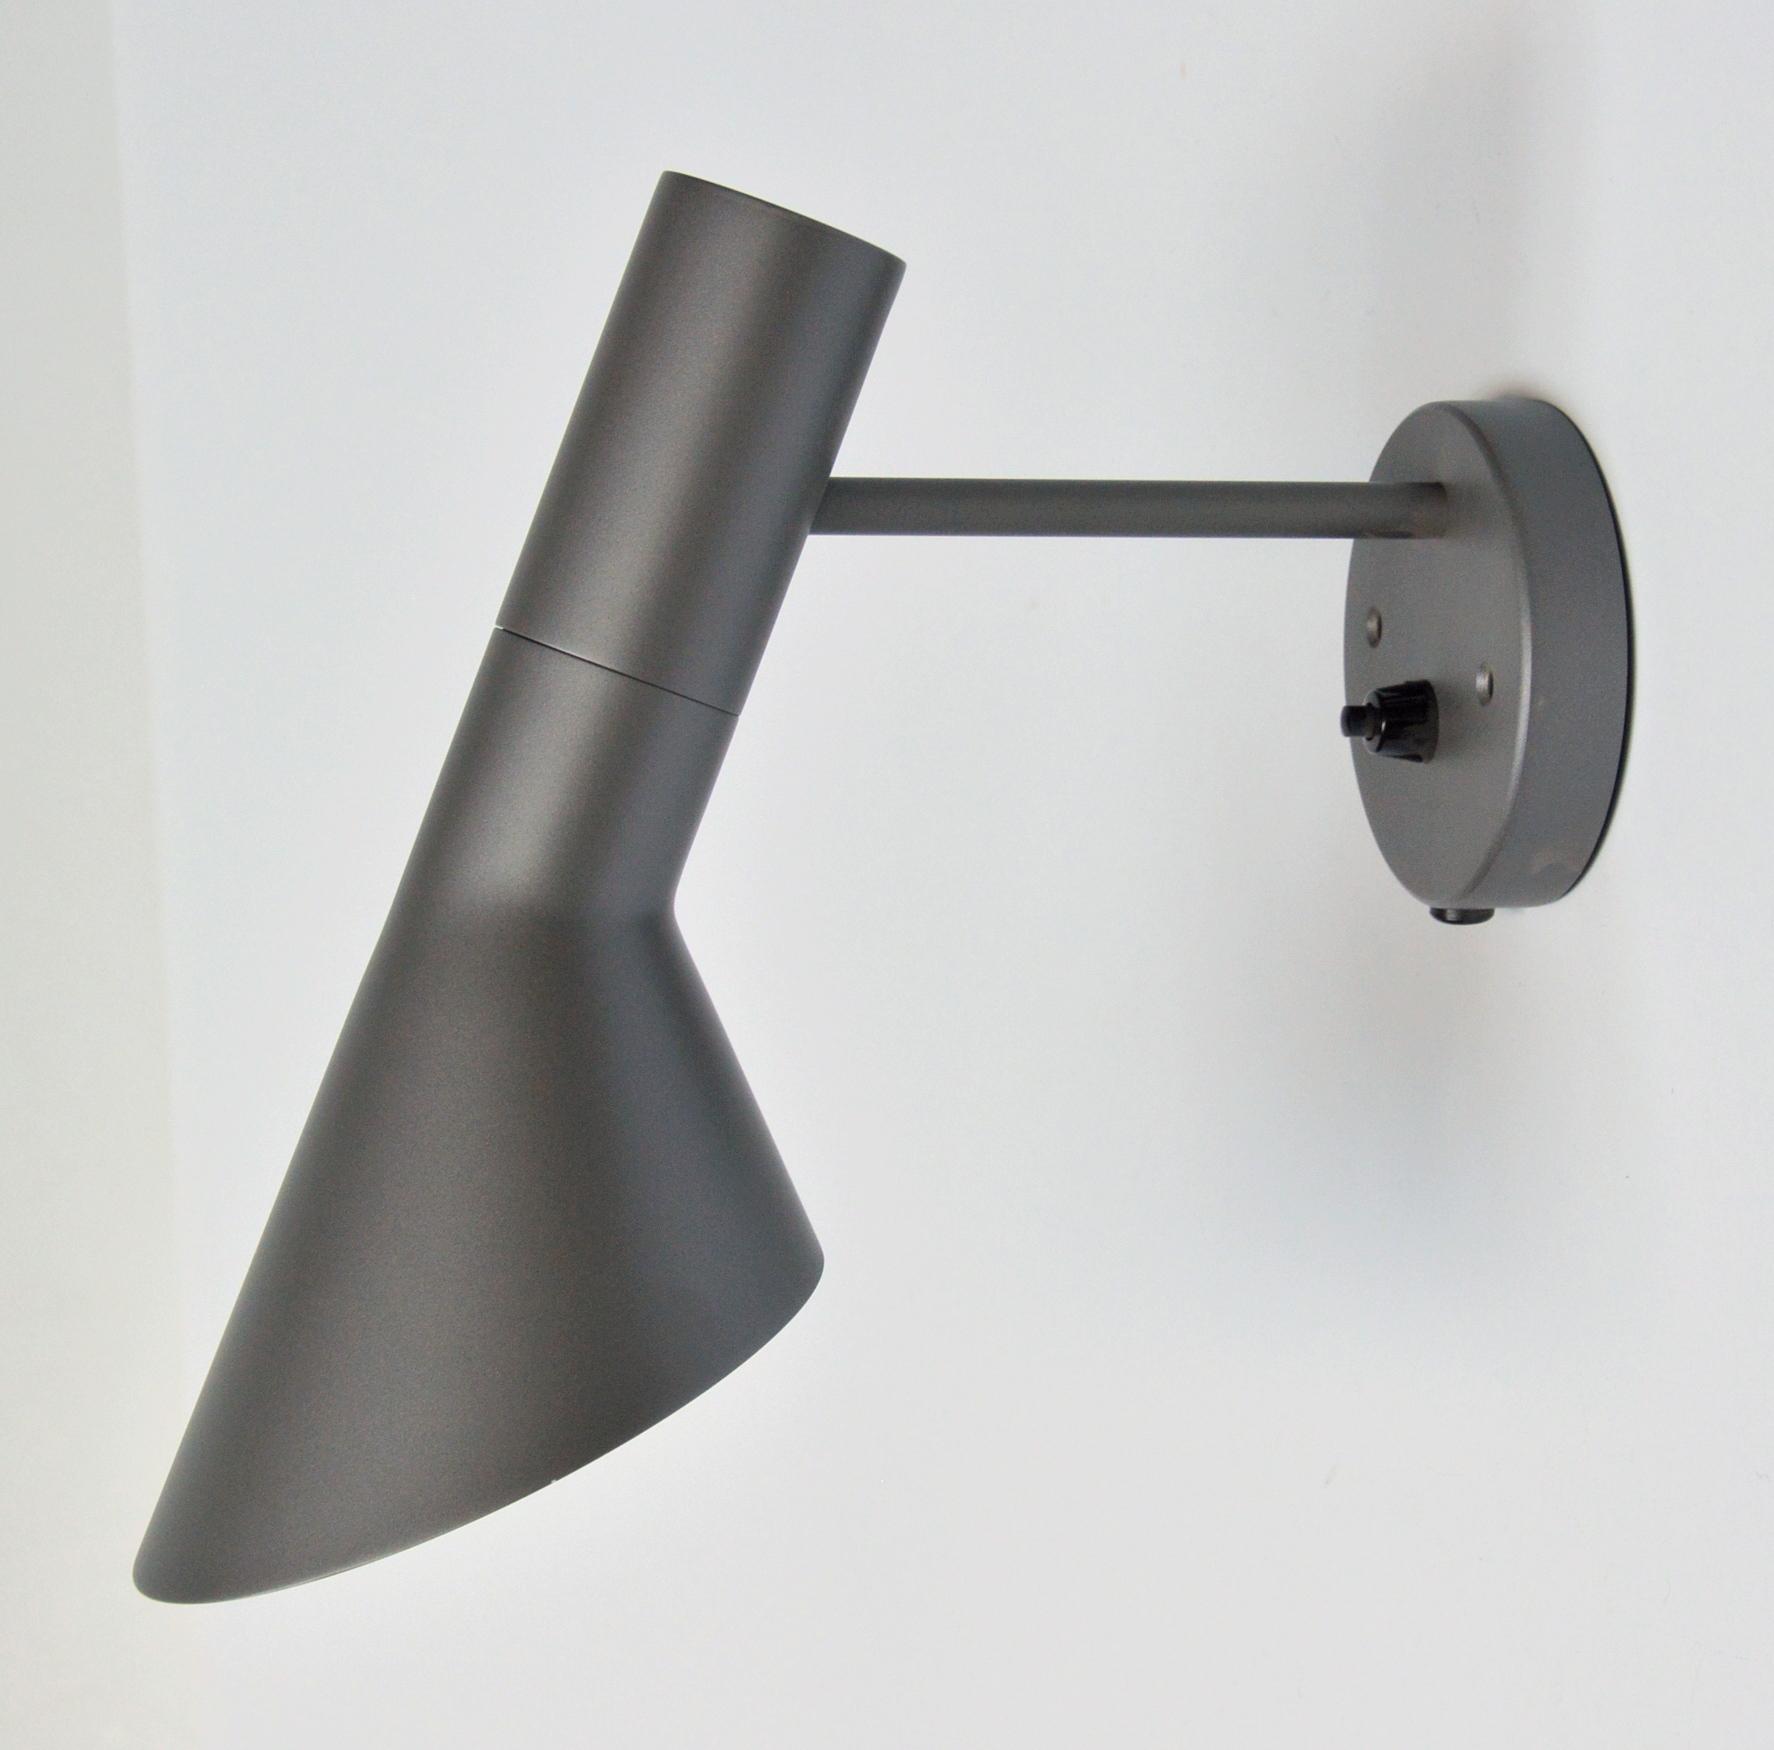 Arne Jacobsen. Væglampe, model AJ-væg - Arne Jacobsen (1902-1971). Væglampe af lakeret metal. Formgivet i 1957. Fremstillet hos Louis Poulsen, model AJ-væg. Skærmlængde 25 cm. Fremstår med minimale brugsspor. Nummerbevis medfølger